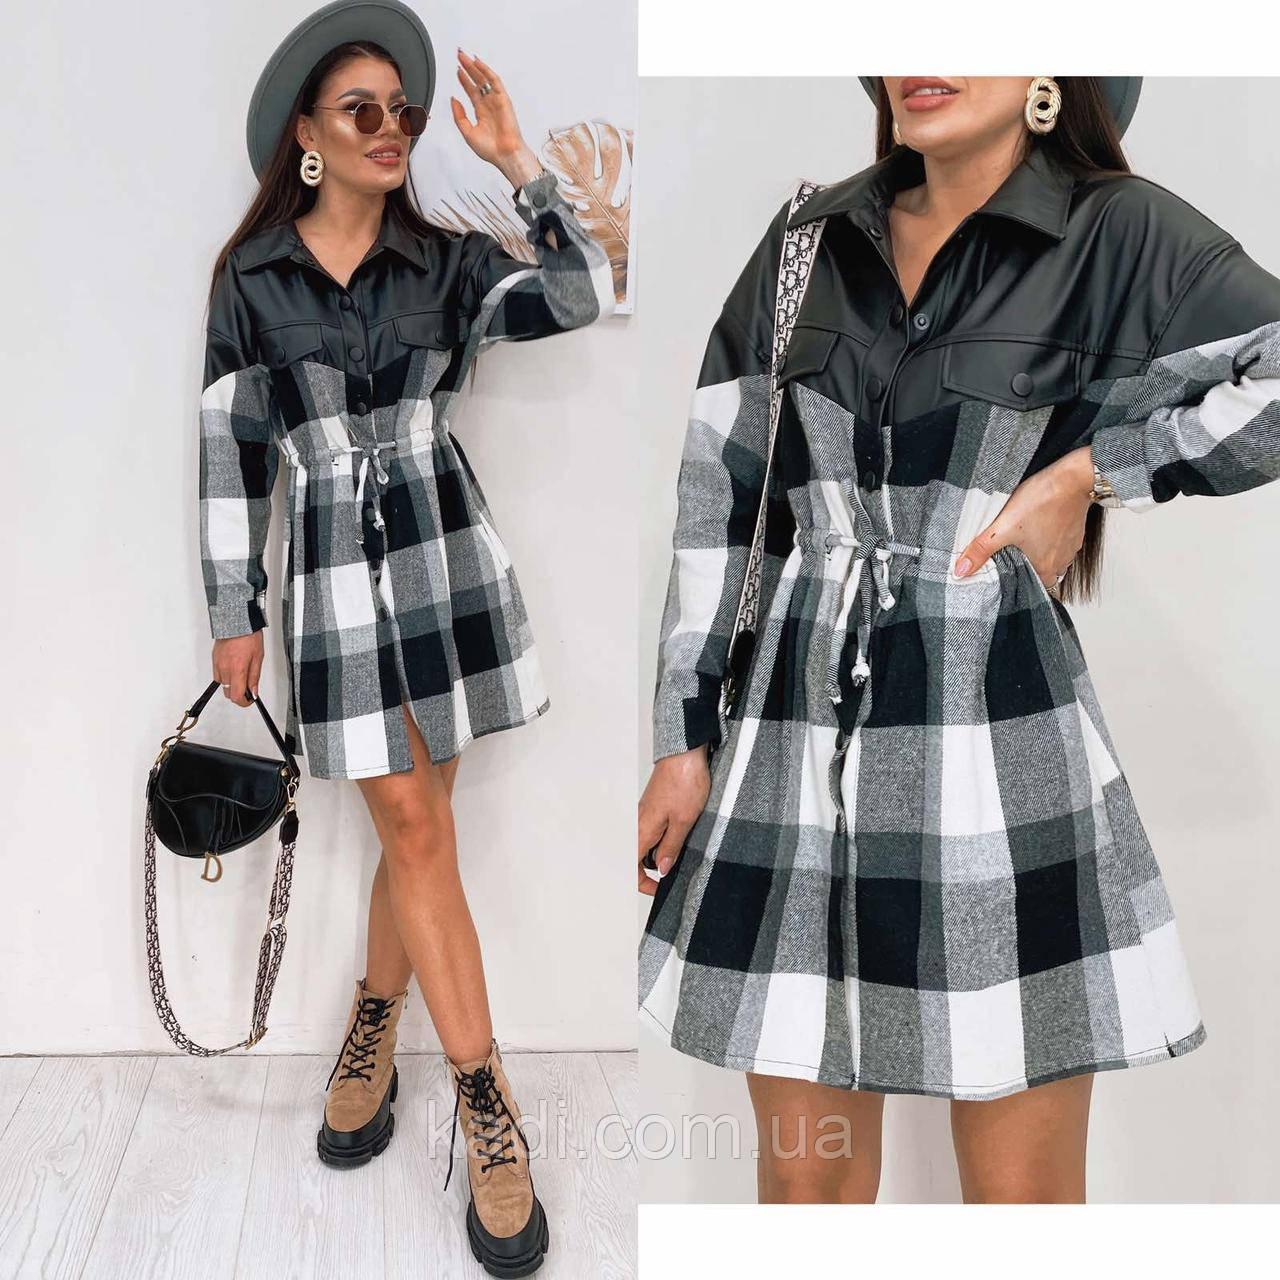 Платье комбинированное с эко-кожей / арт.388